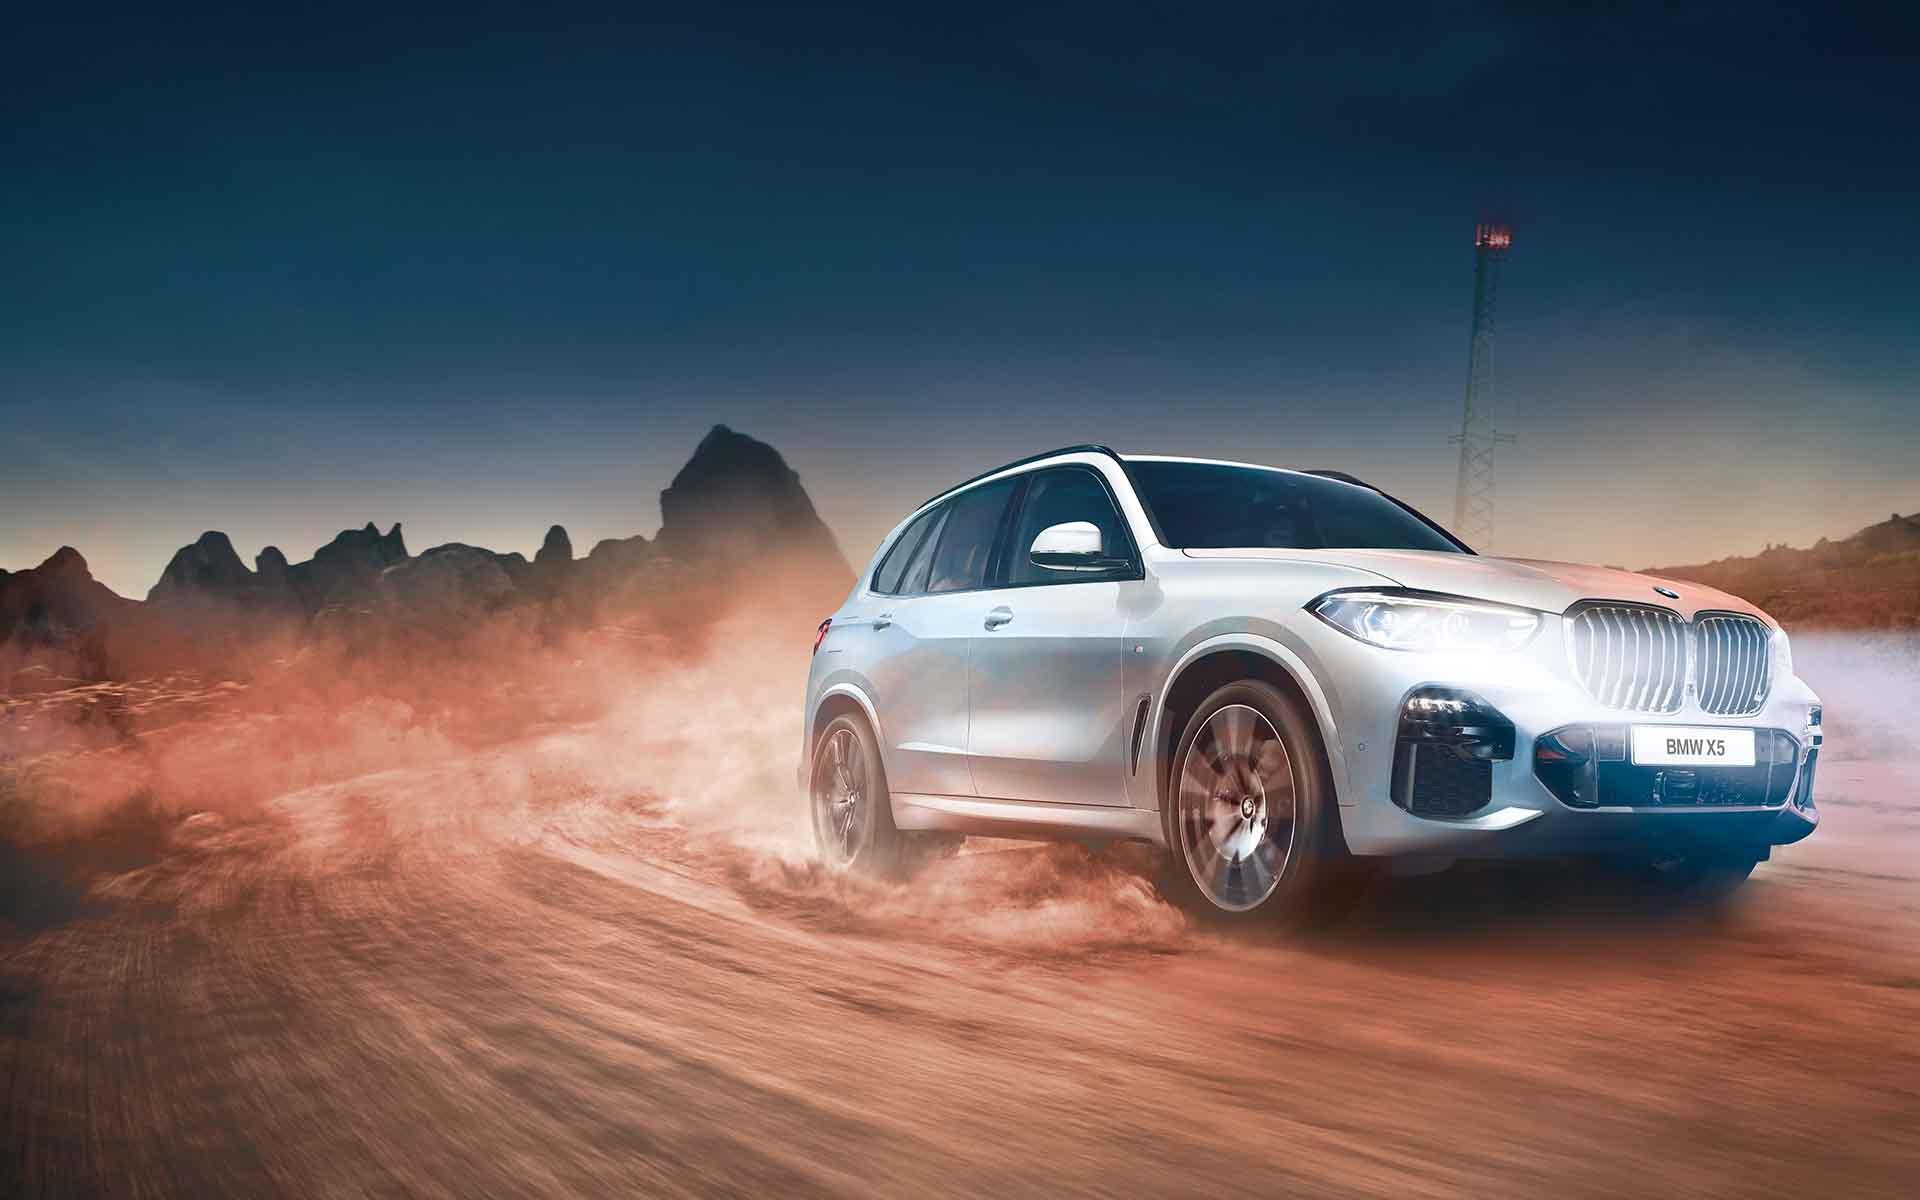 The BMW X5